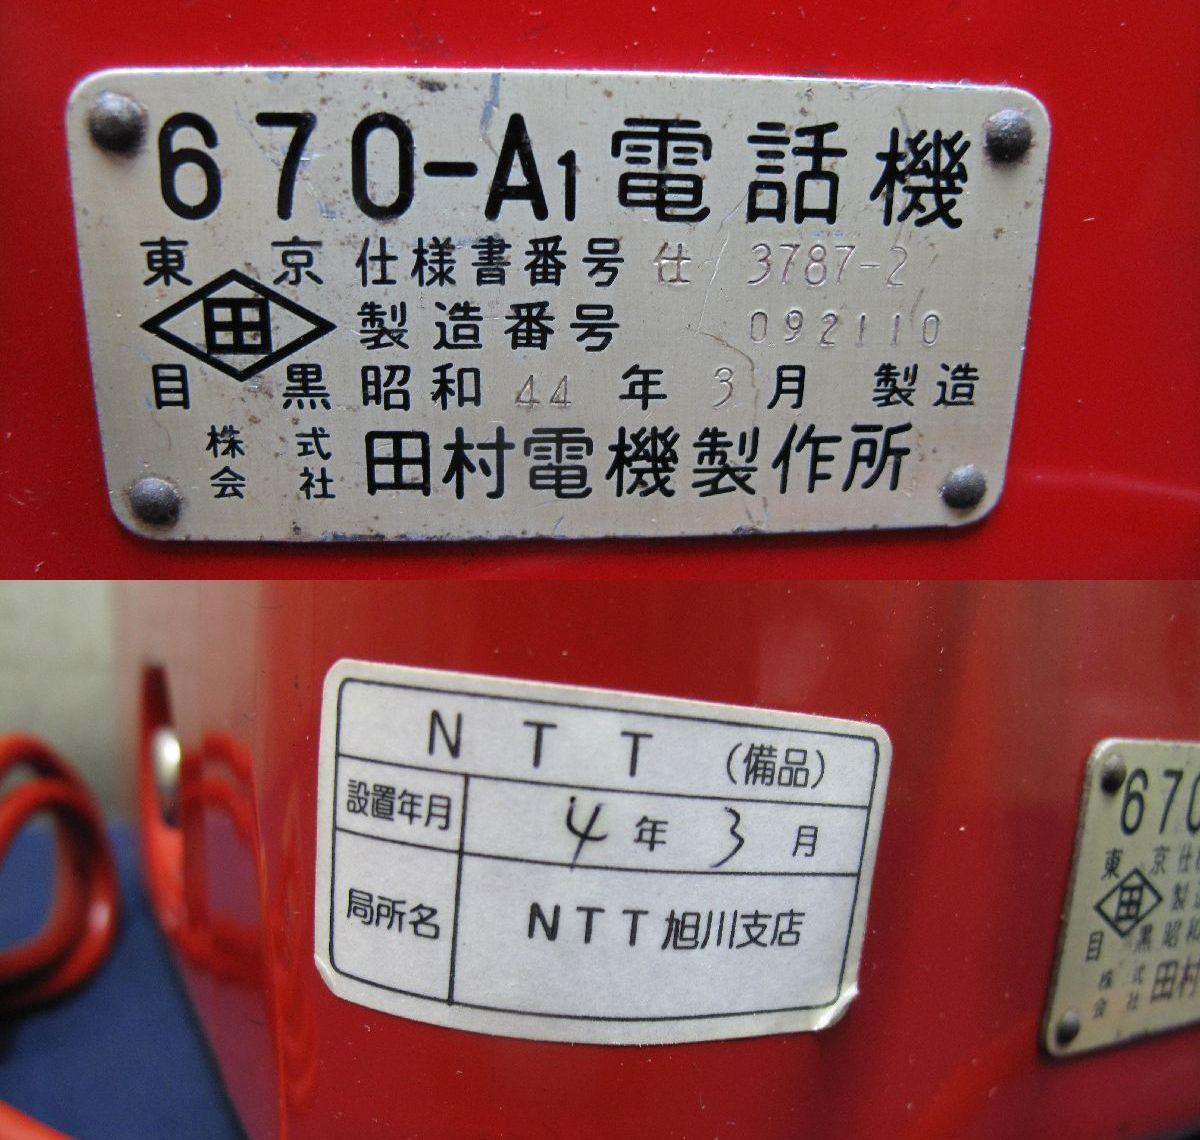 赤電話 公衆電話(263)田村電機製作所 670-A1 昭和44年3月 昭和レトロ _画像10